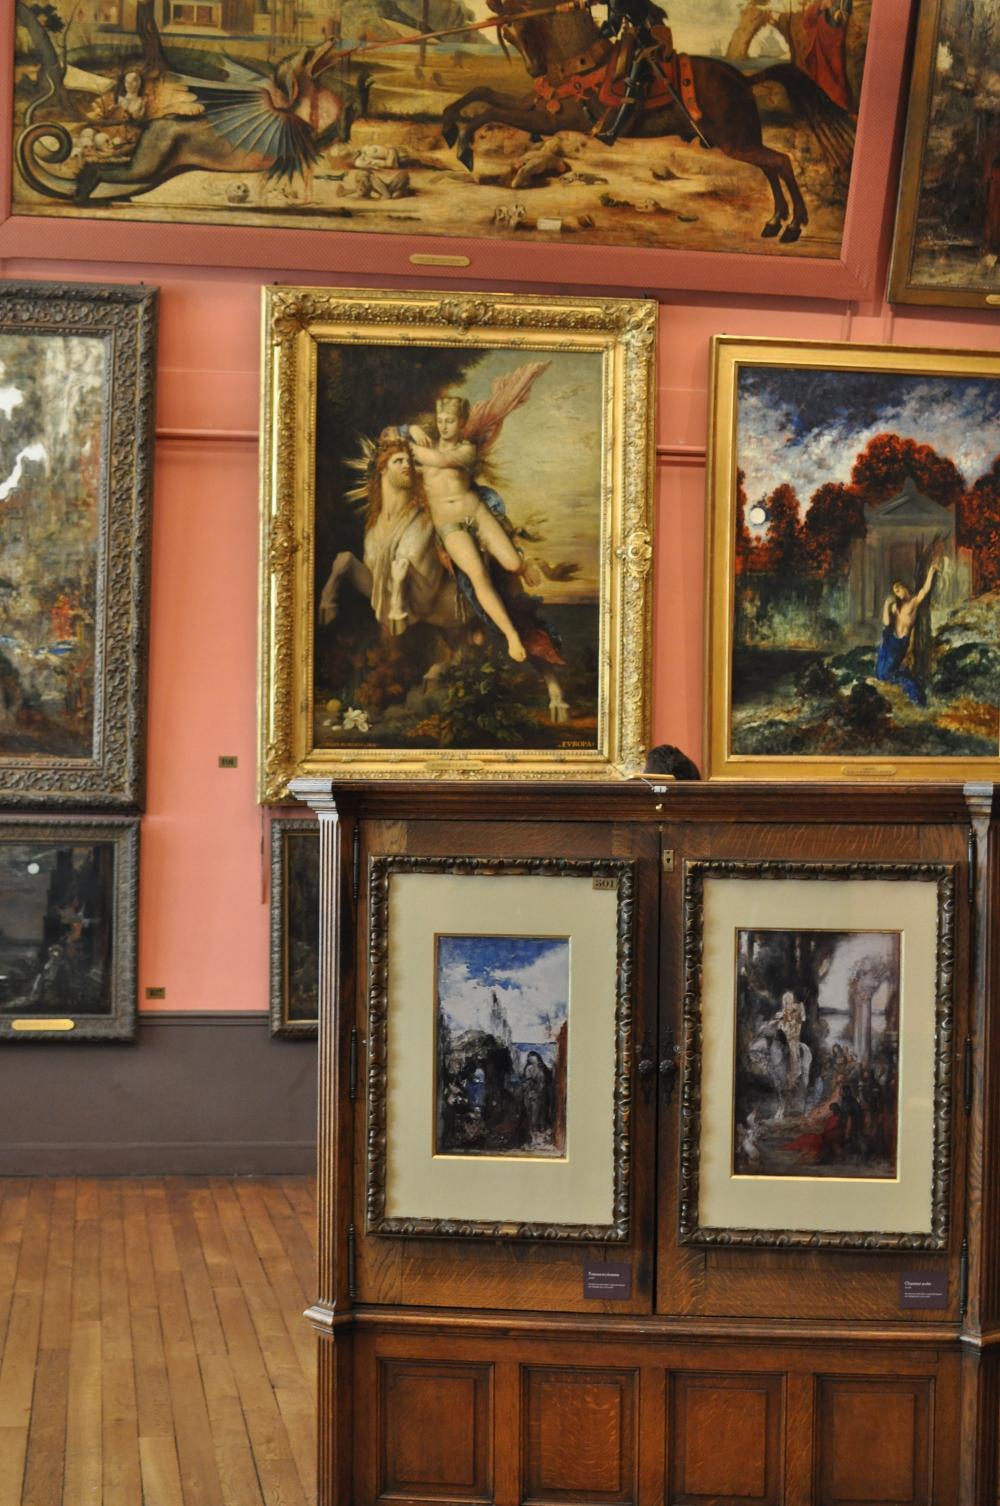 rocaille-blog-paris-november-gustave-moreau-museum-house-painter-symbolism (38)